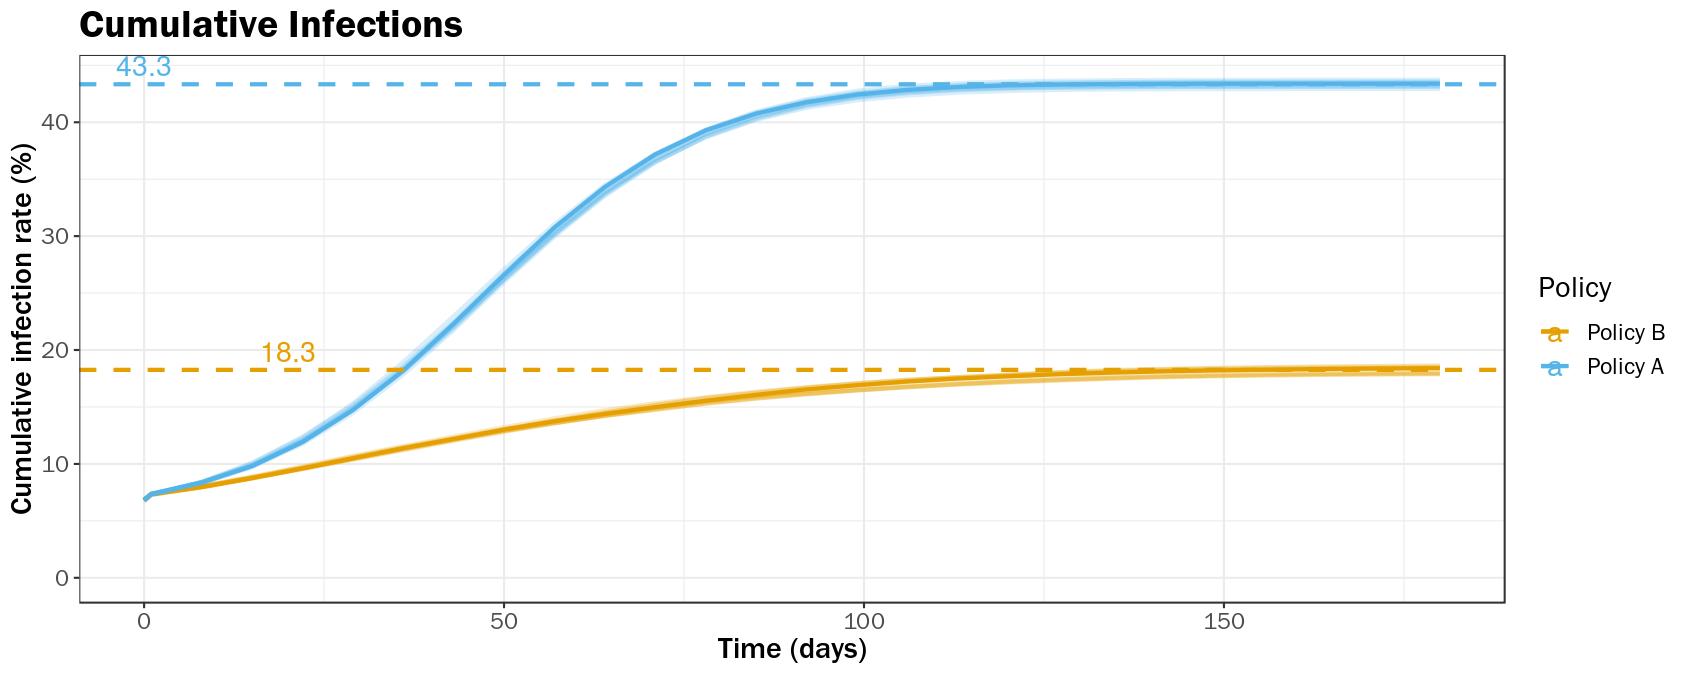 Figure 3A Cumulative Infections